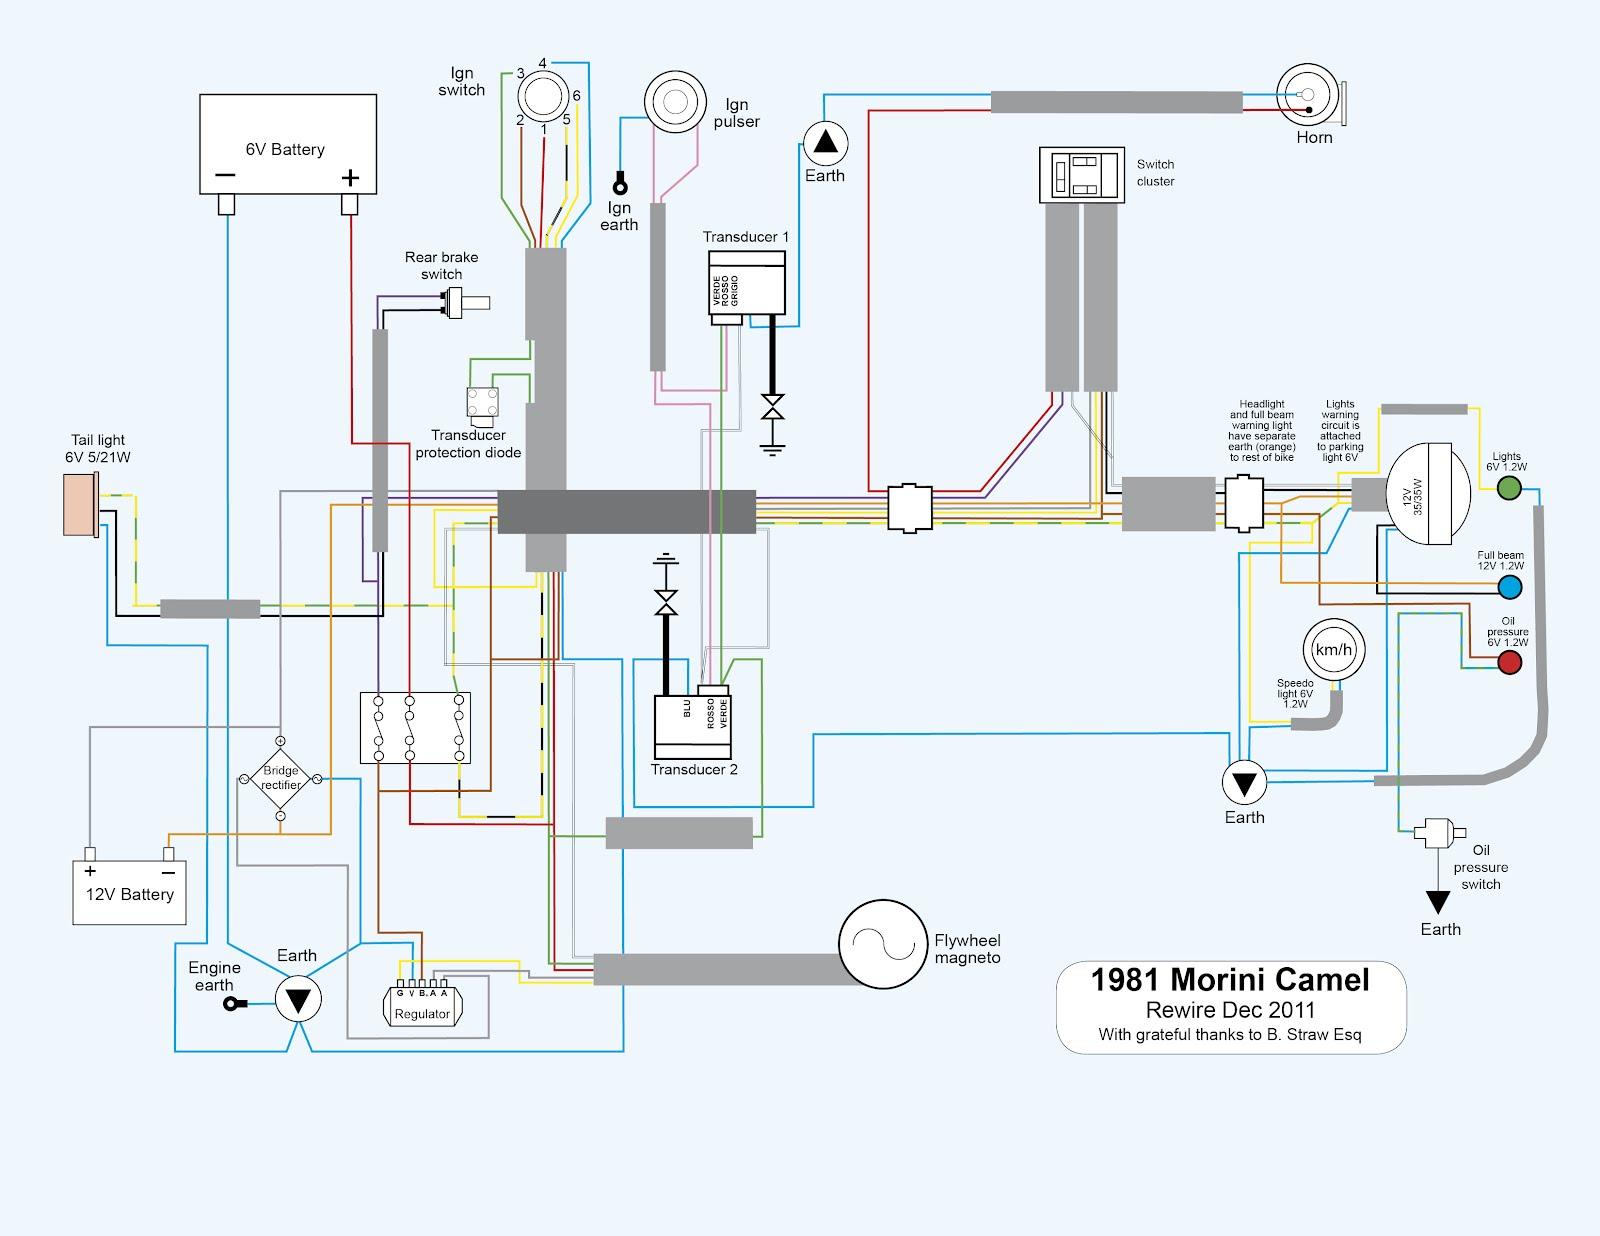 hight resolution of old bike hack 2012 camel 2bloom 2bno 2bindics 2b12v 2bconversion old bike hack 2012 bsa morini 500 camel wiring diagram